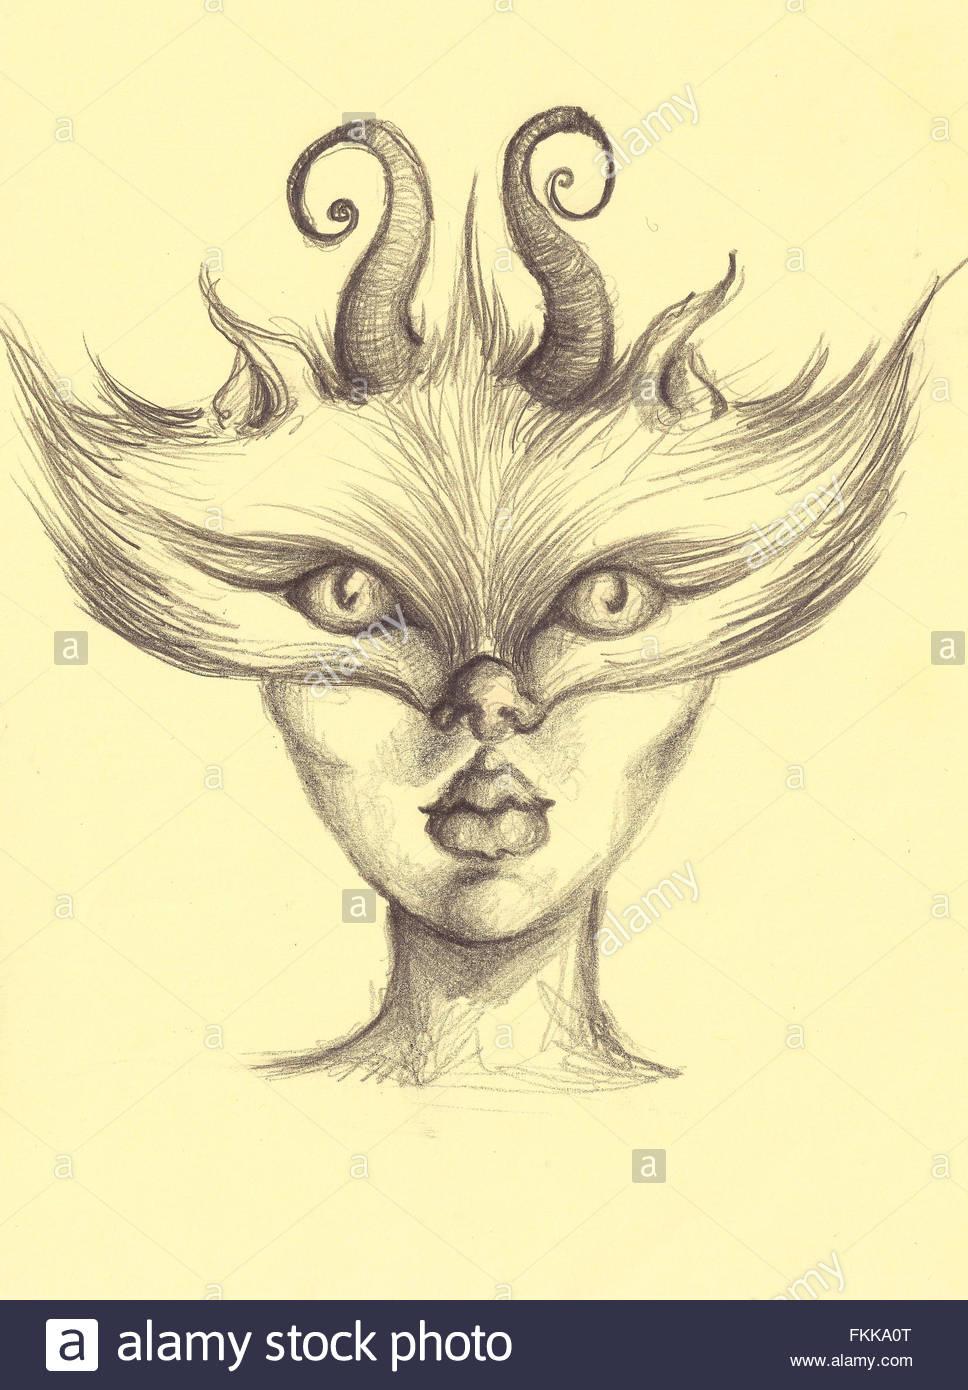 Dibujo A Lápiz De Carbón Máscara De Lobo En La Moda Chica Cara